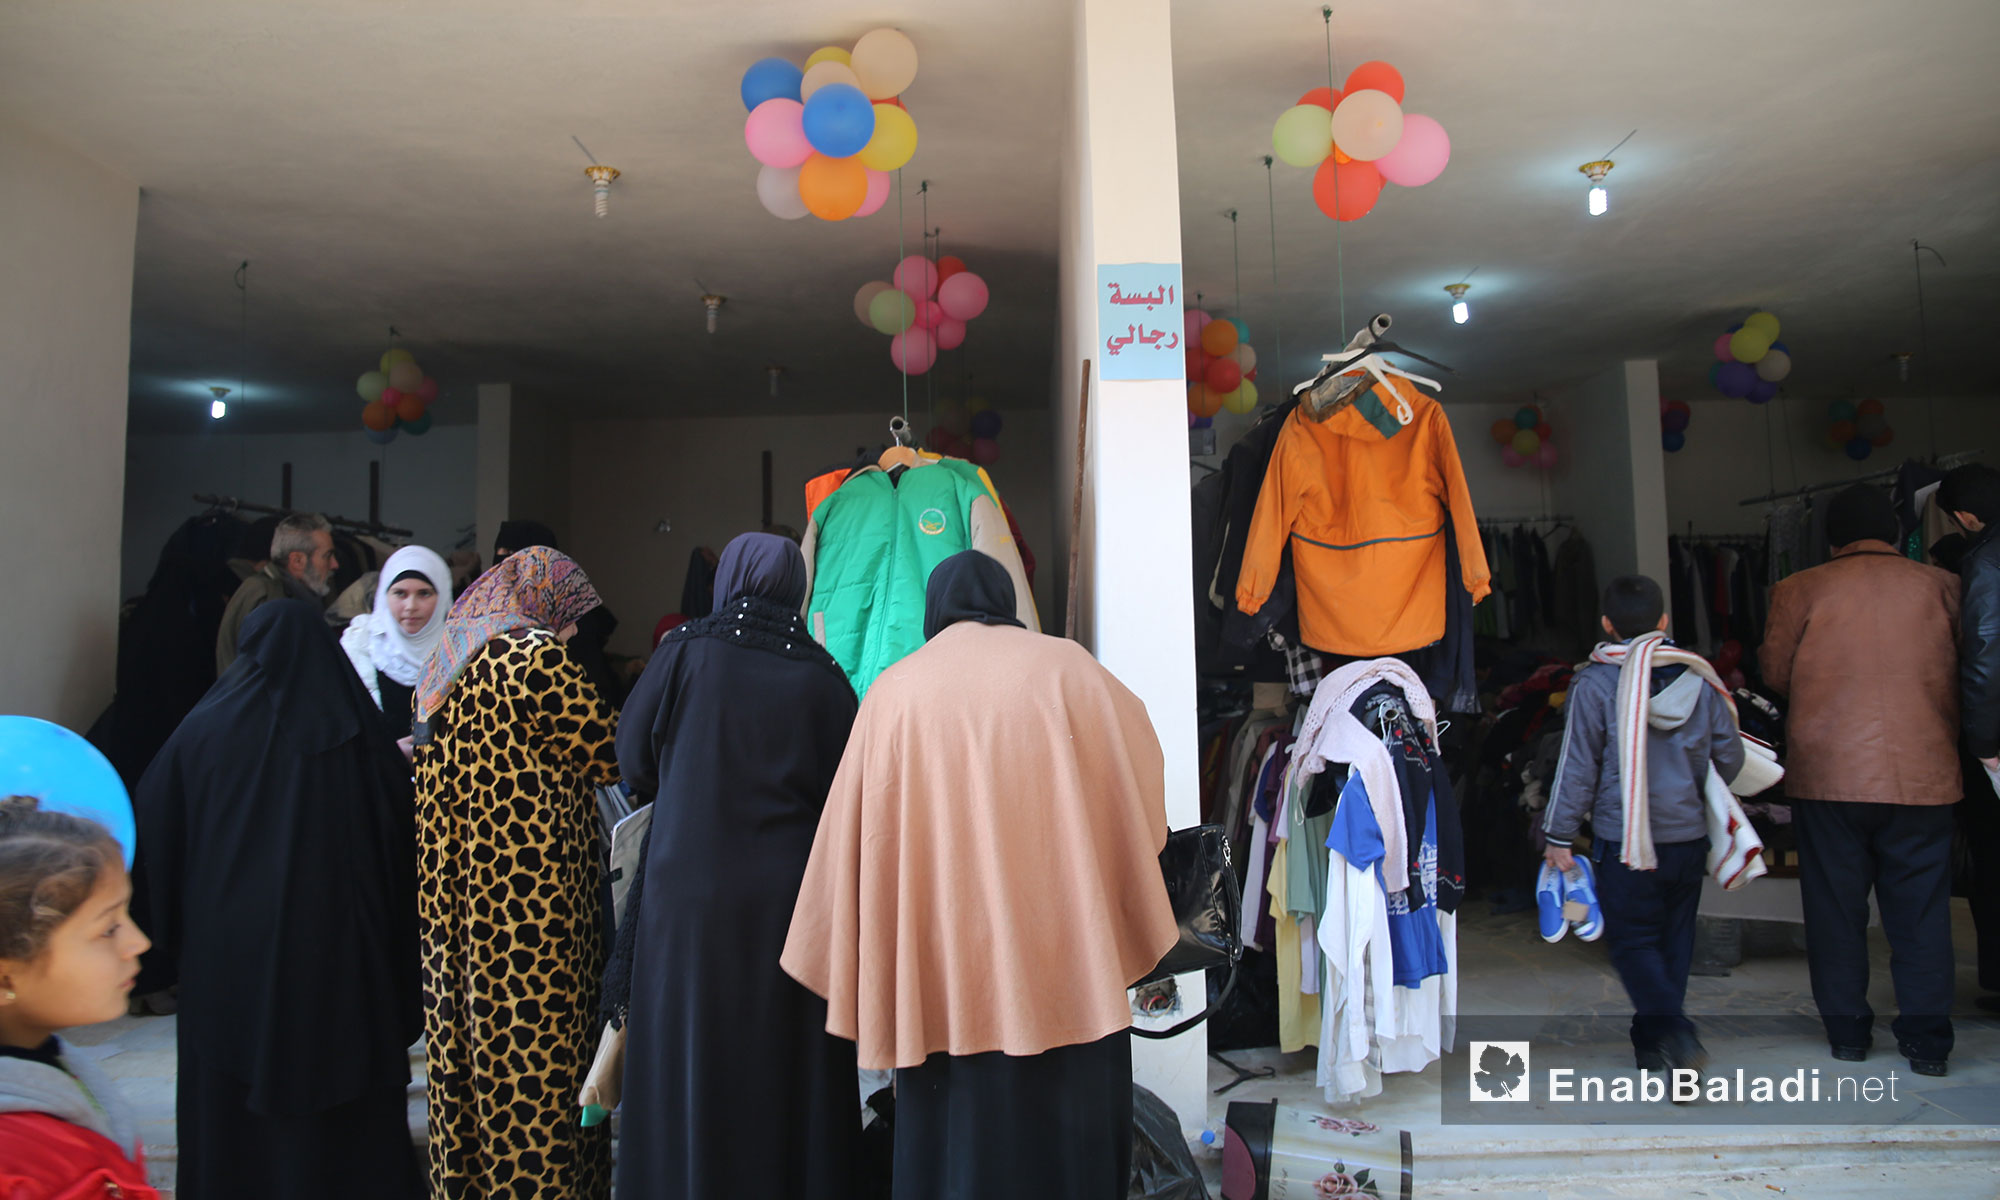 إقبال على التسوق في سوق الدانا الخيري بريف إدلب - 19 كانون الثاني 2017 (عنب بلدي)